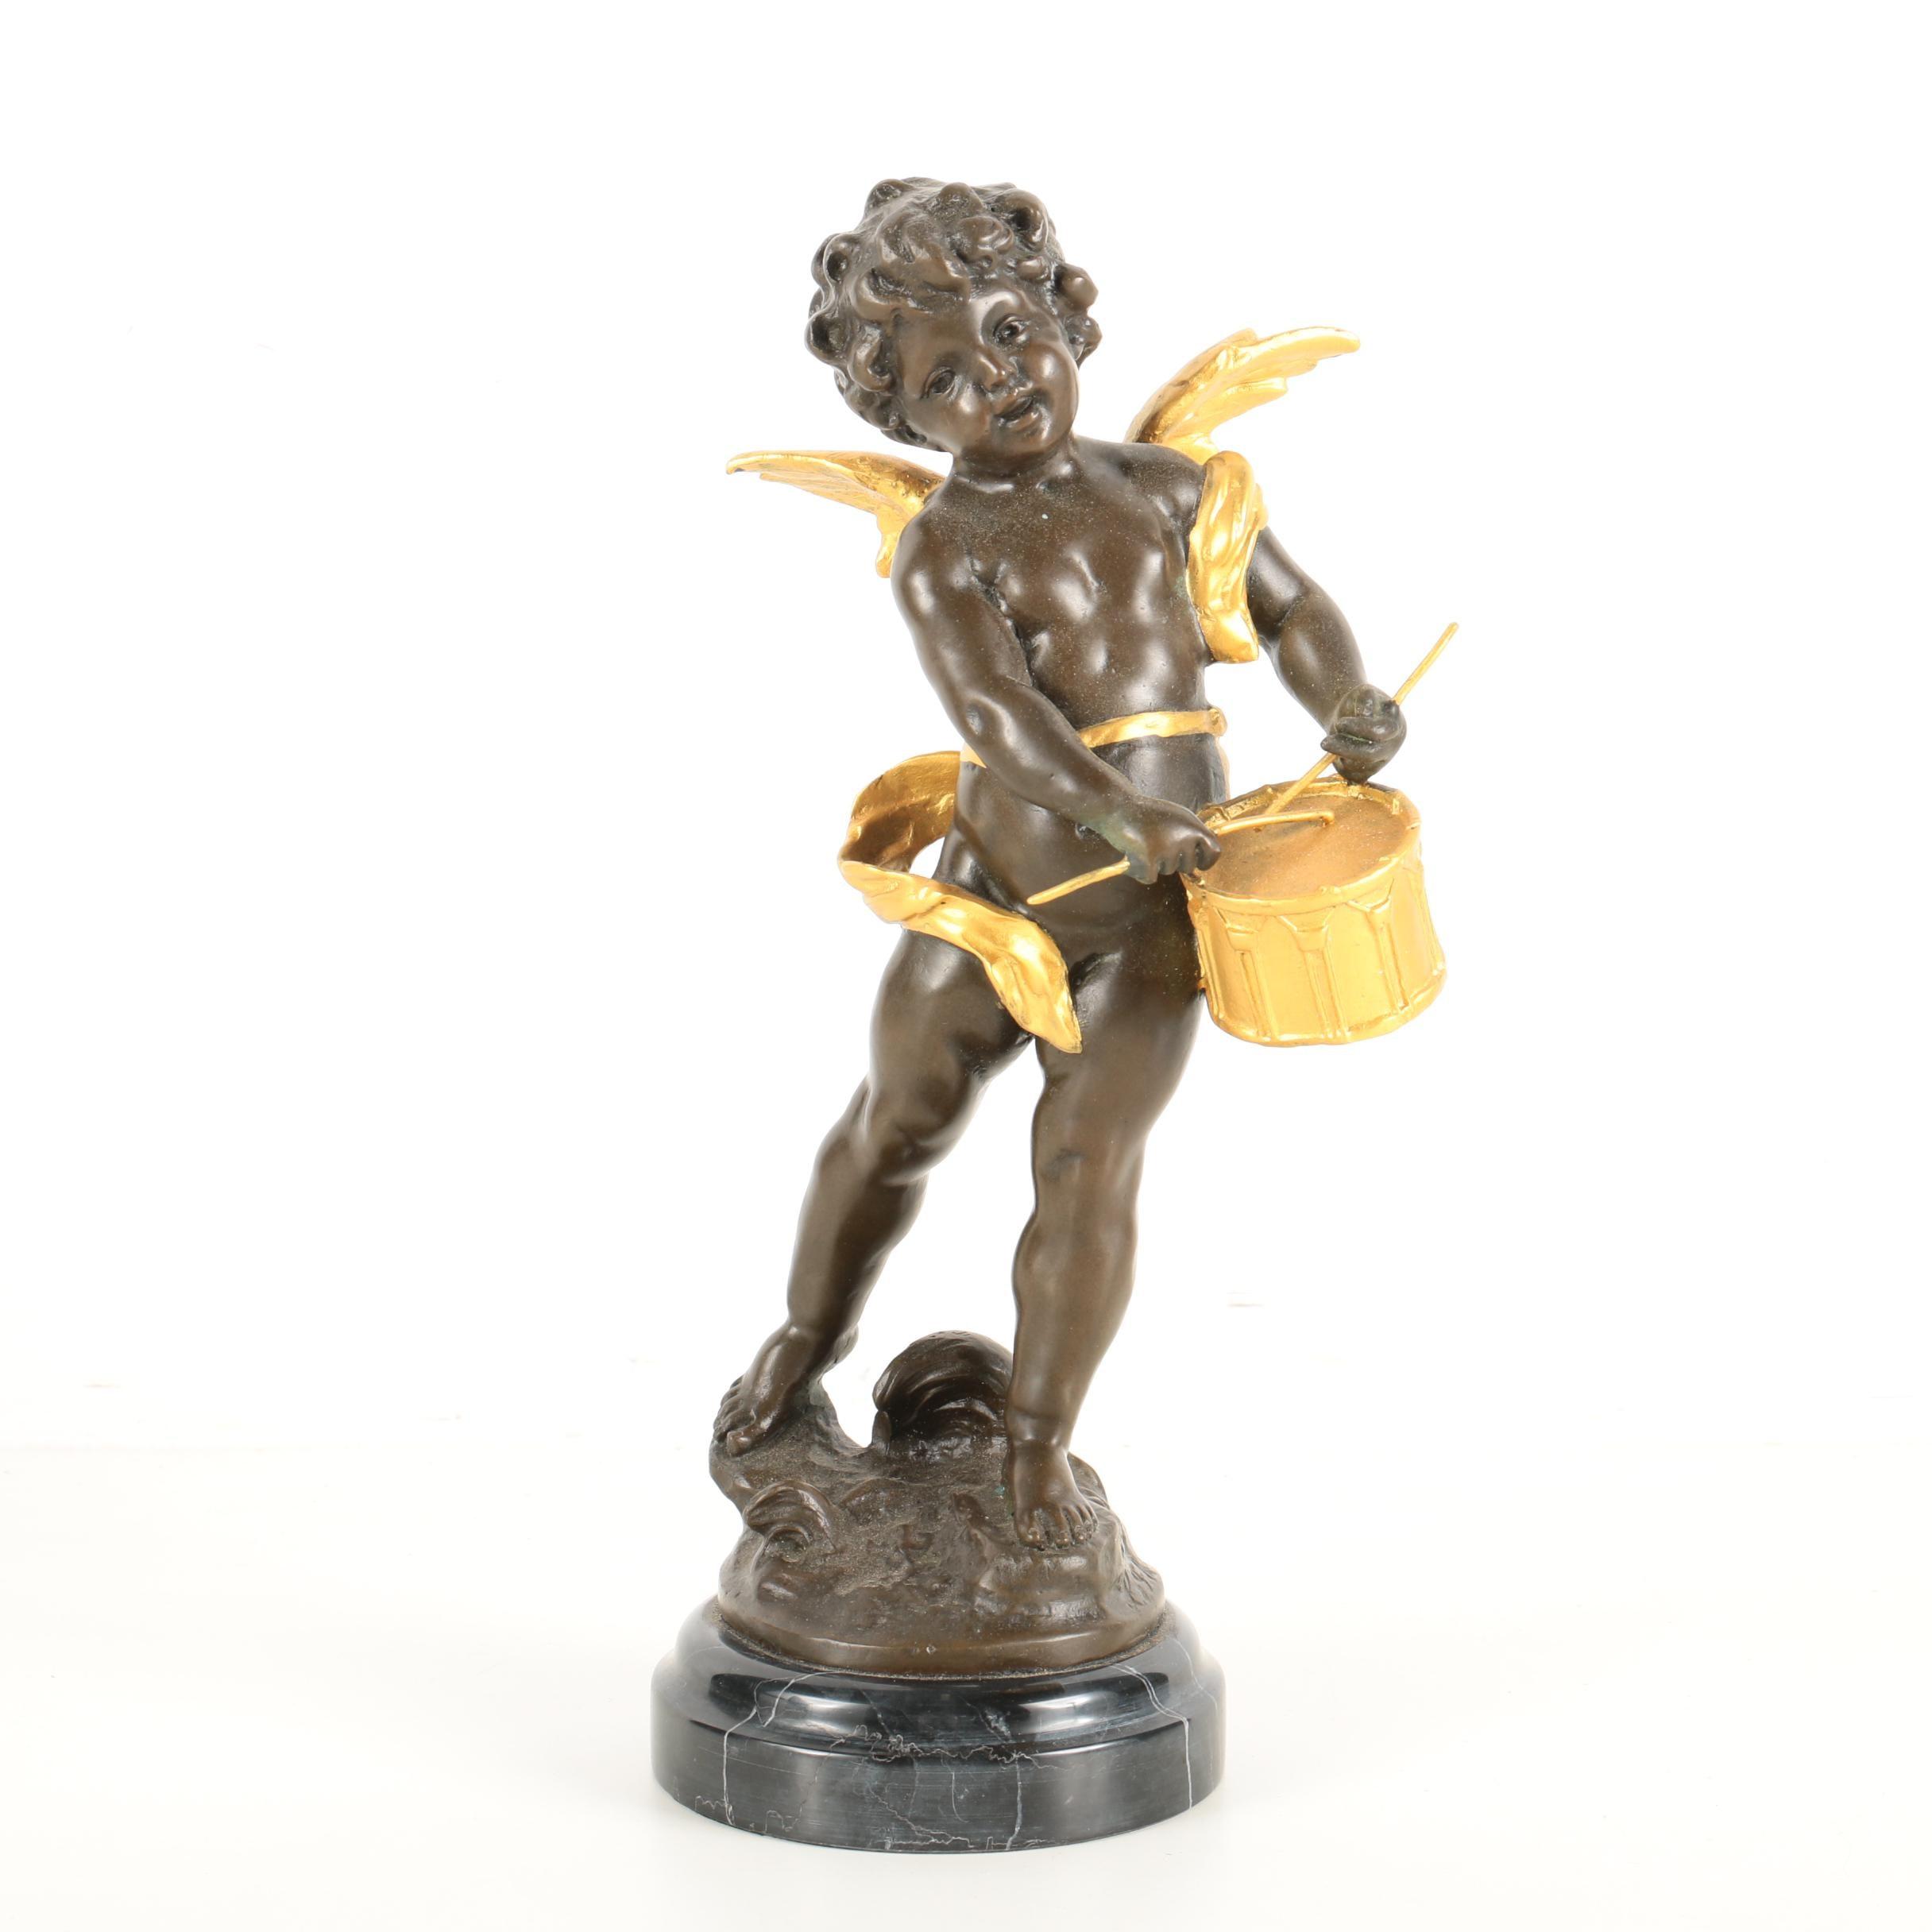 Reproduction Brass Sculpture of a Cherub